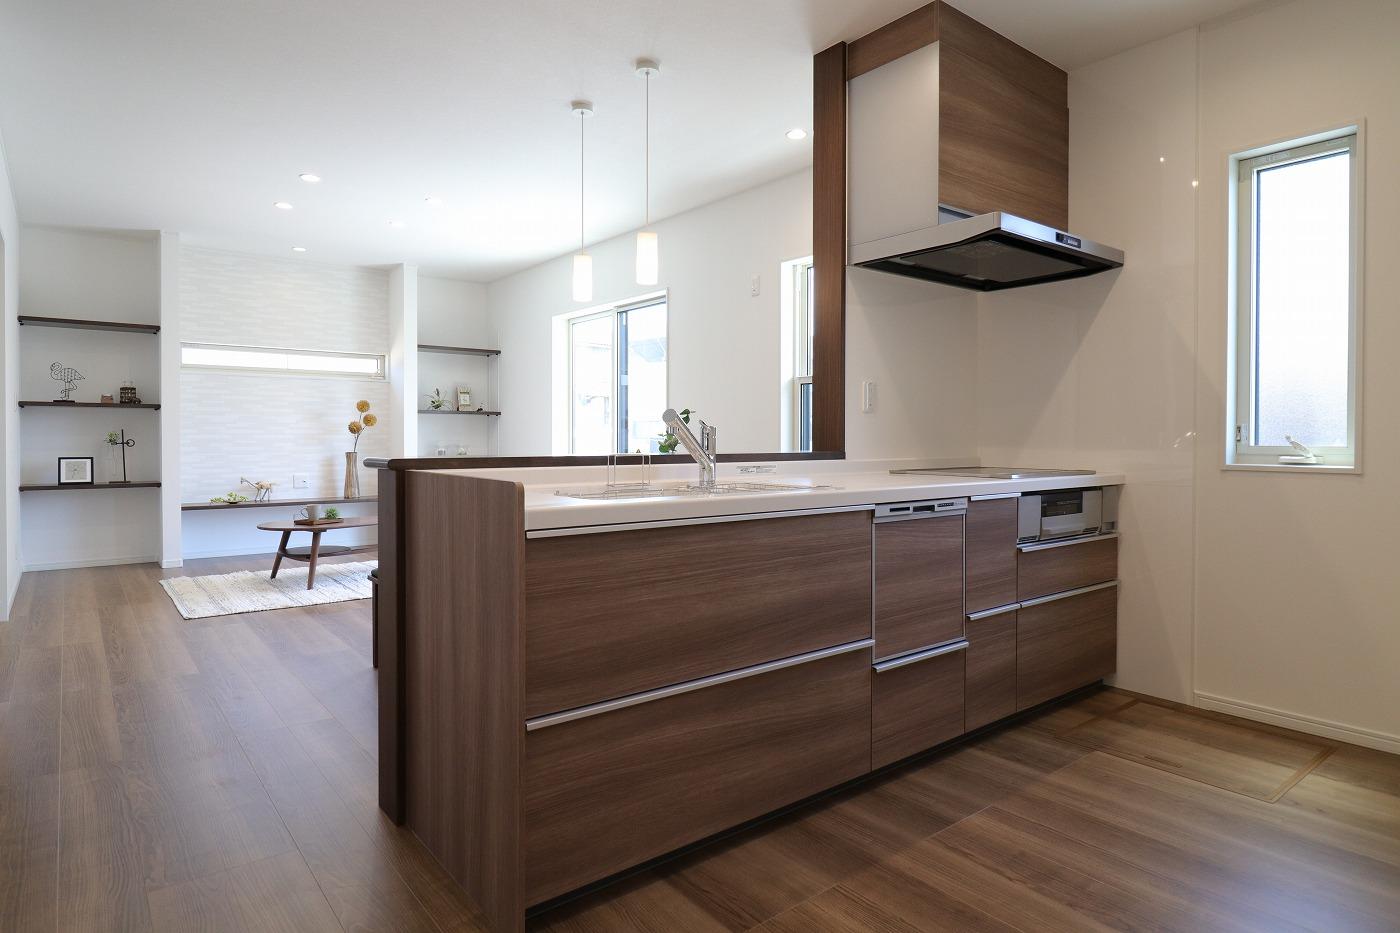 高松市木太町新築分譲建売住宅のキッチン